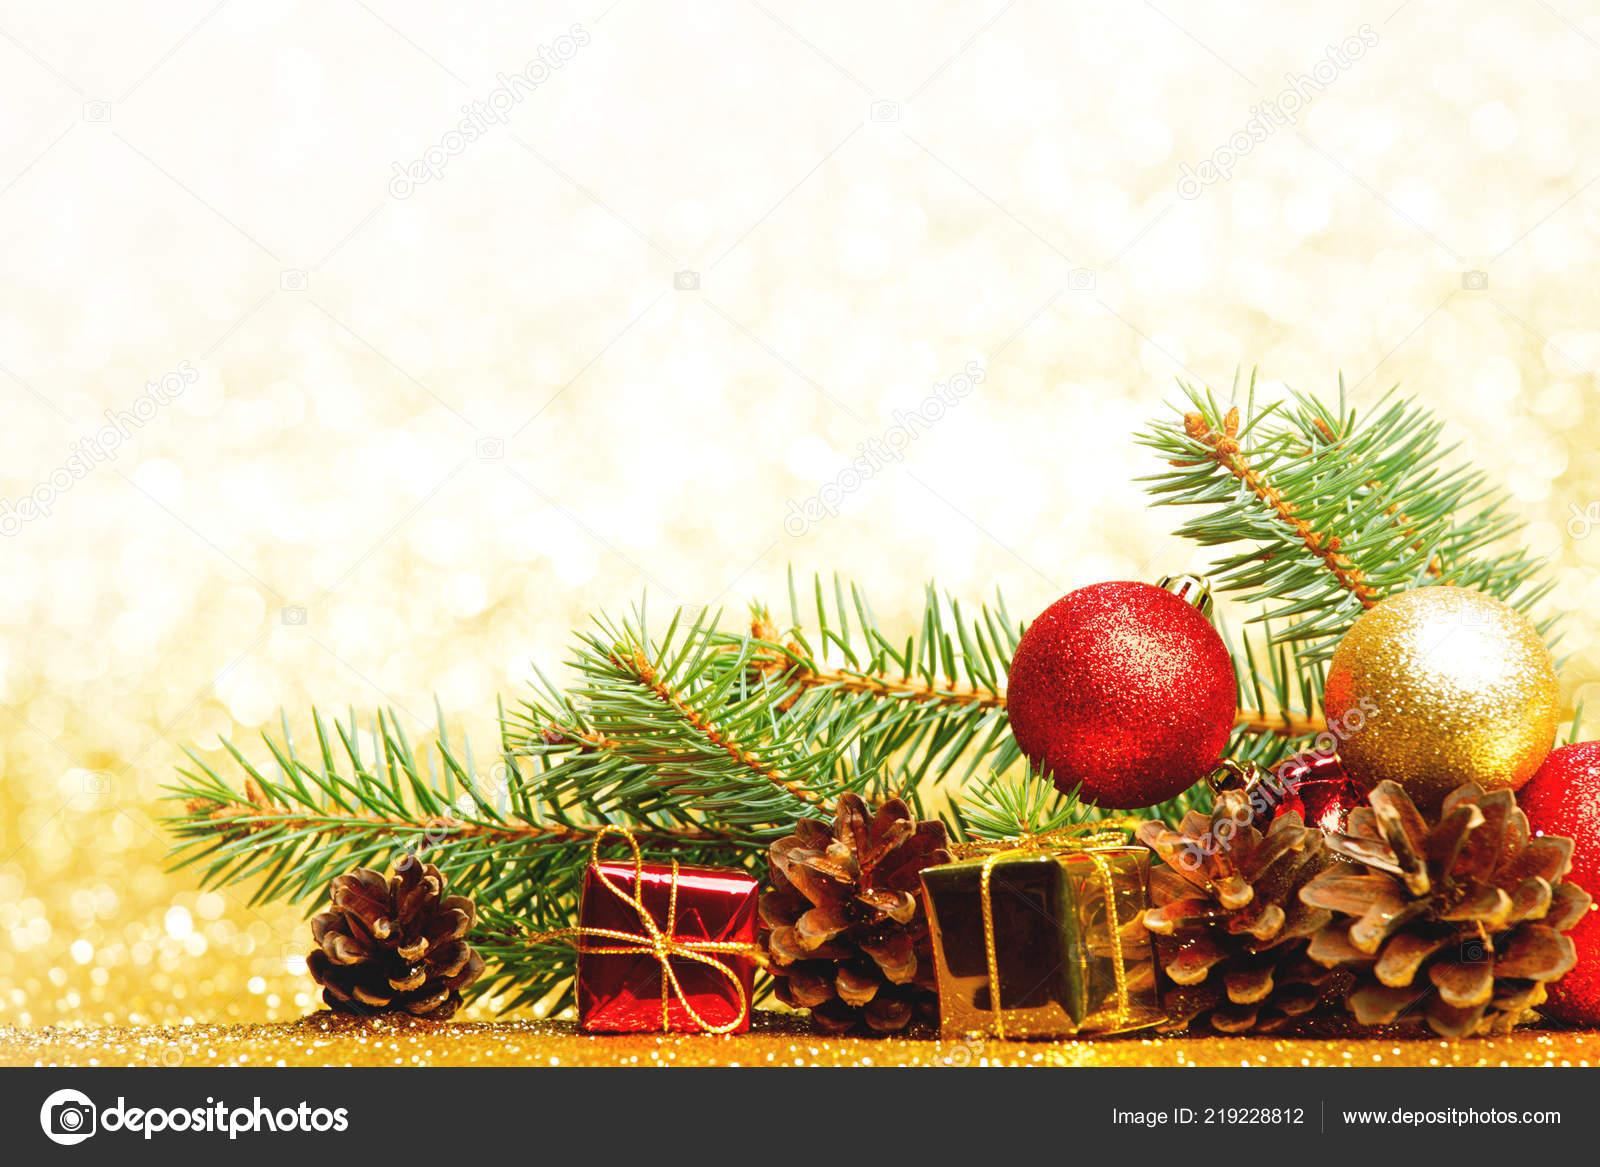 Carte Image Noel.Carte Noel Avec Branche Sapin Decoration Sur Fond Paillettes